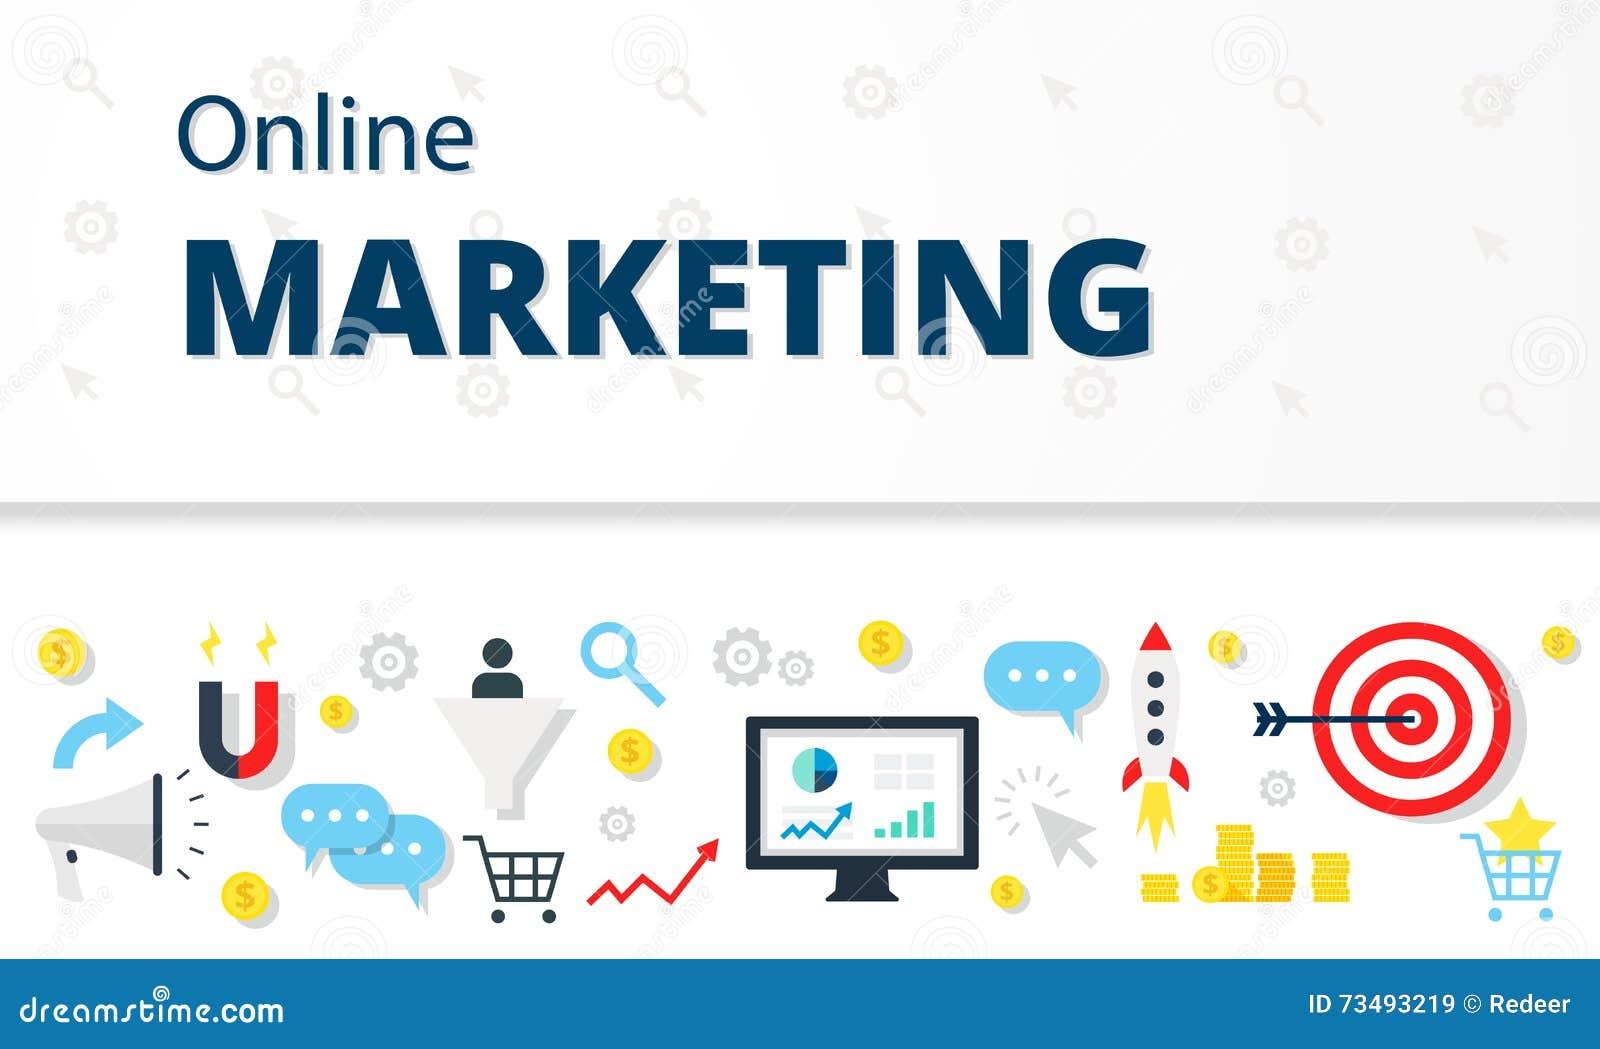 Бесплатный сетевой маркетинг веб-сайта контекстная реклама рекомендации